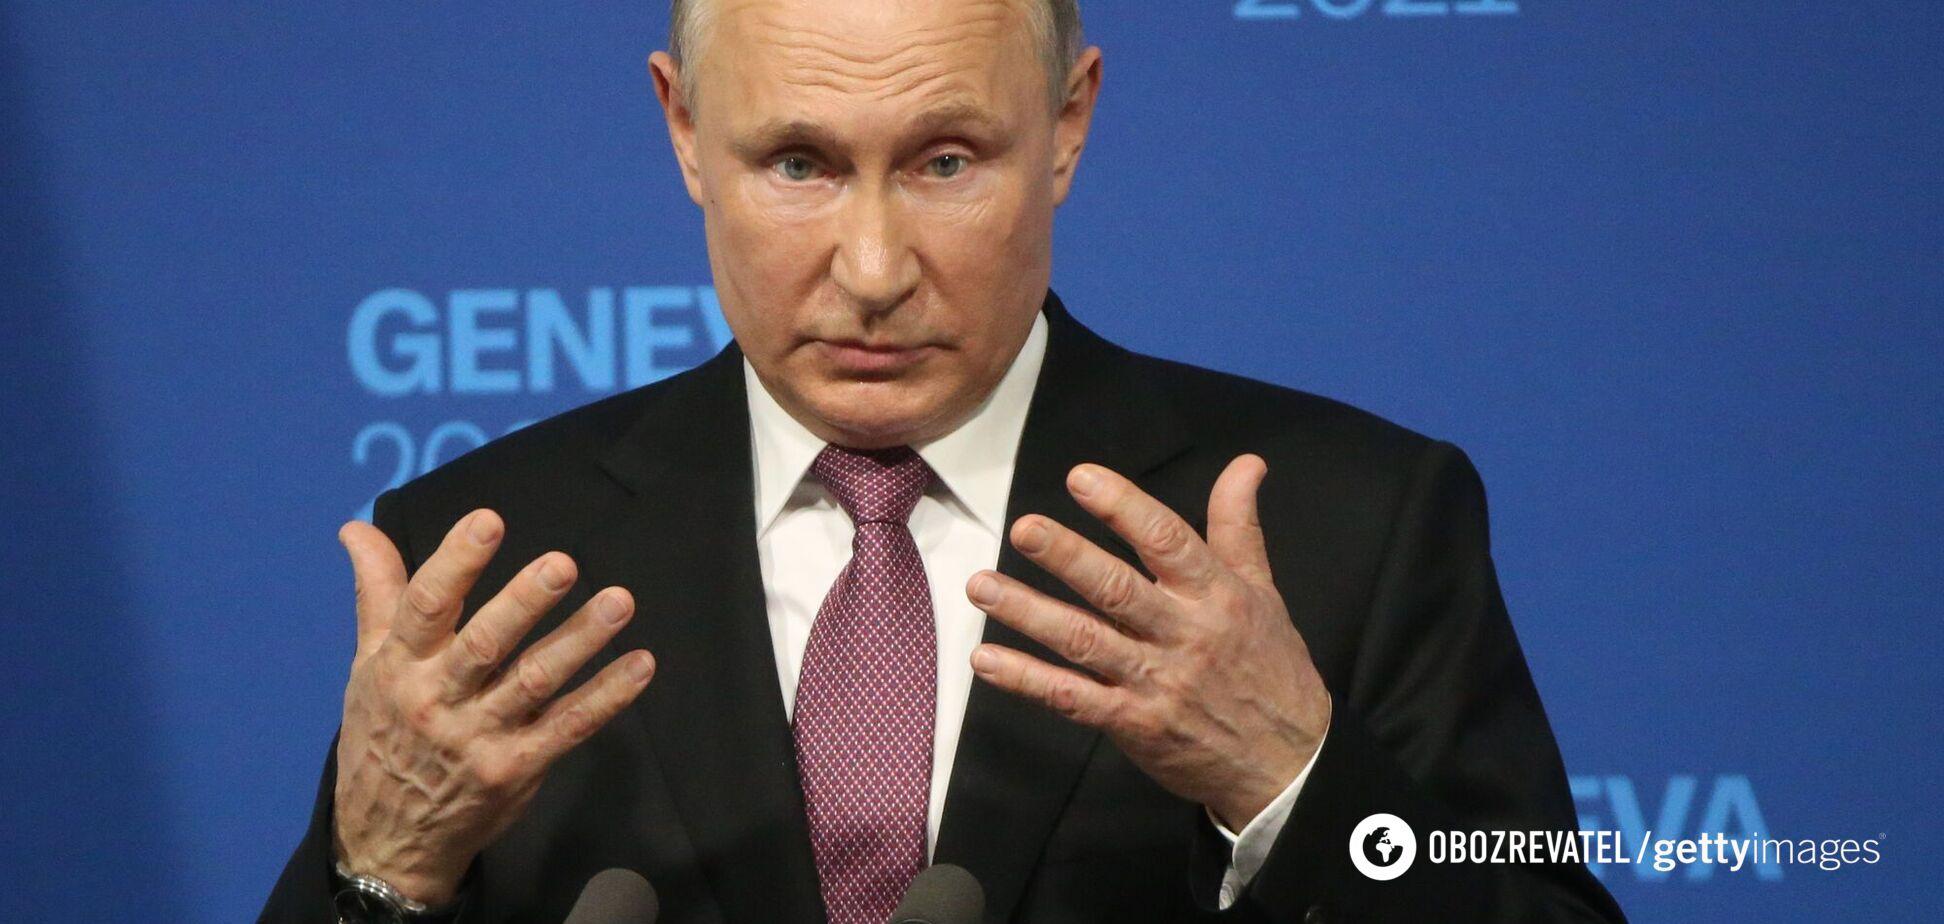 Путін розповість про провал 'Супутника V' і вакцинації в Росії в прямому ефірі